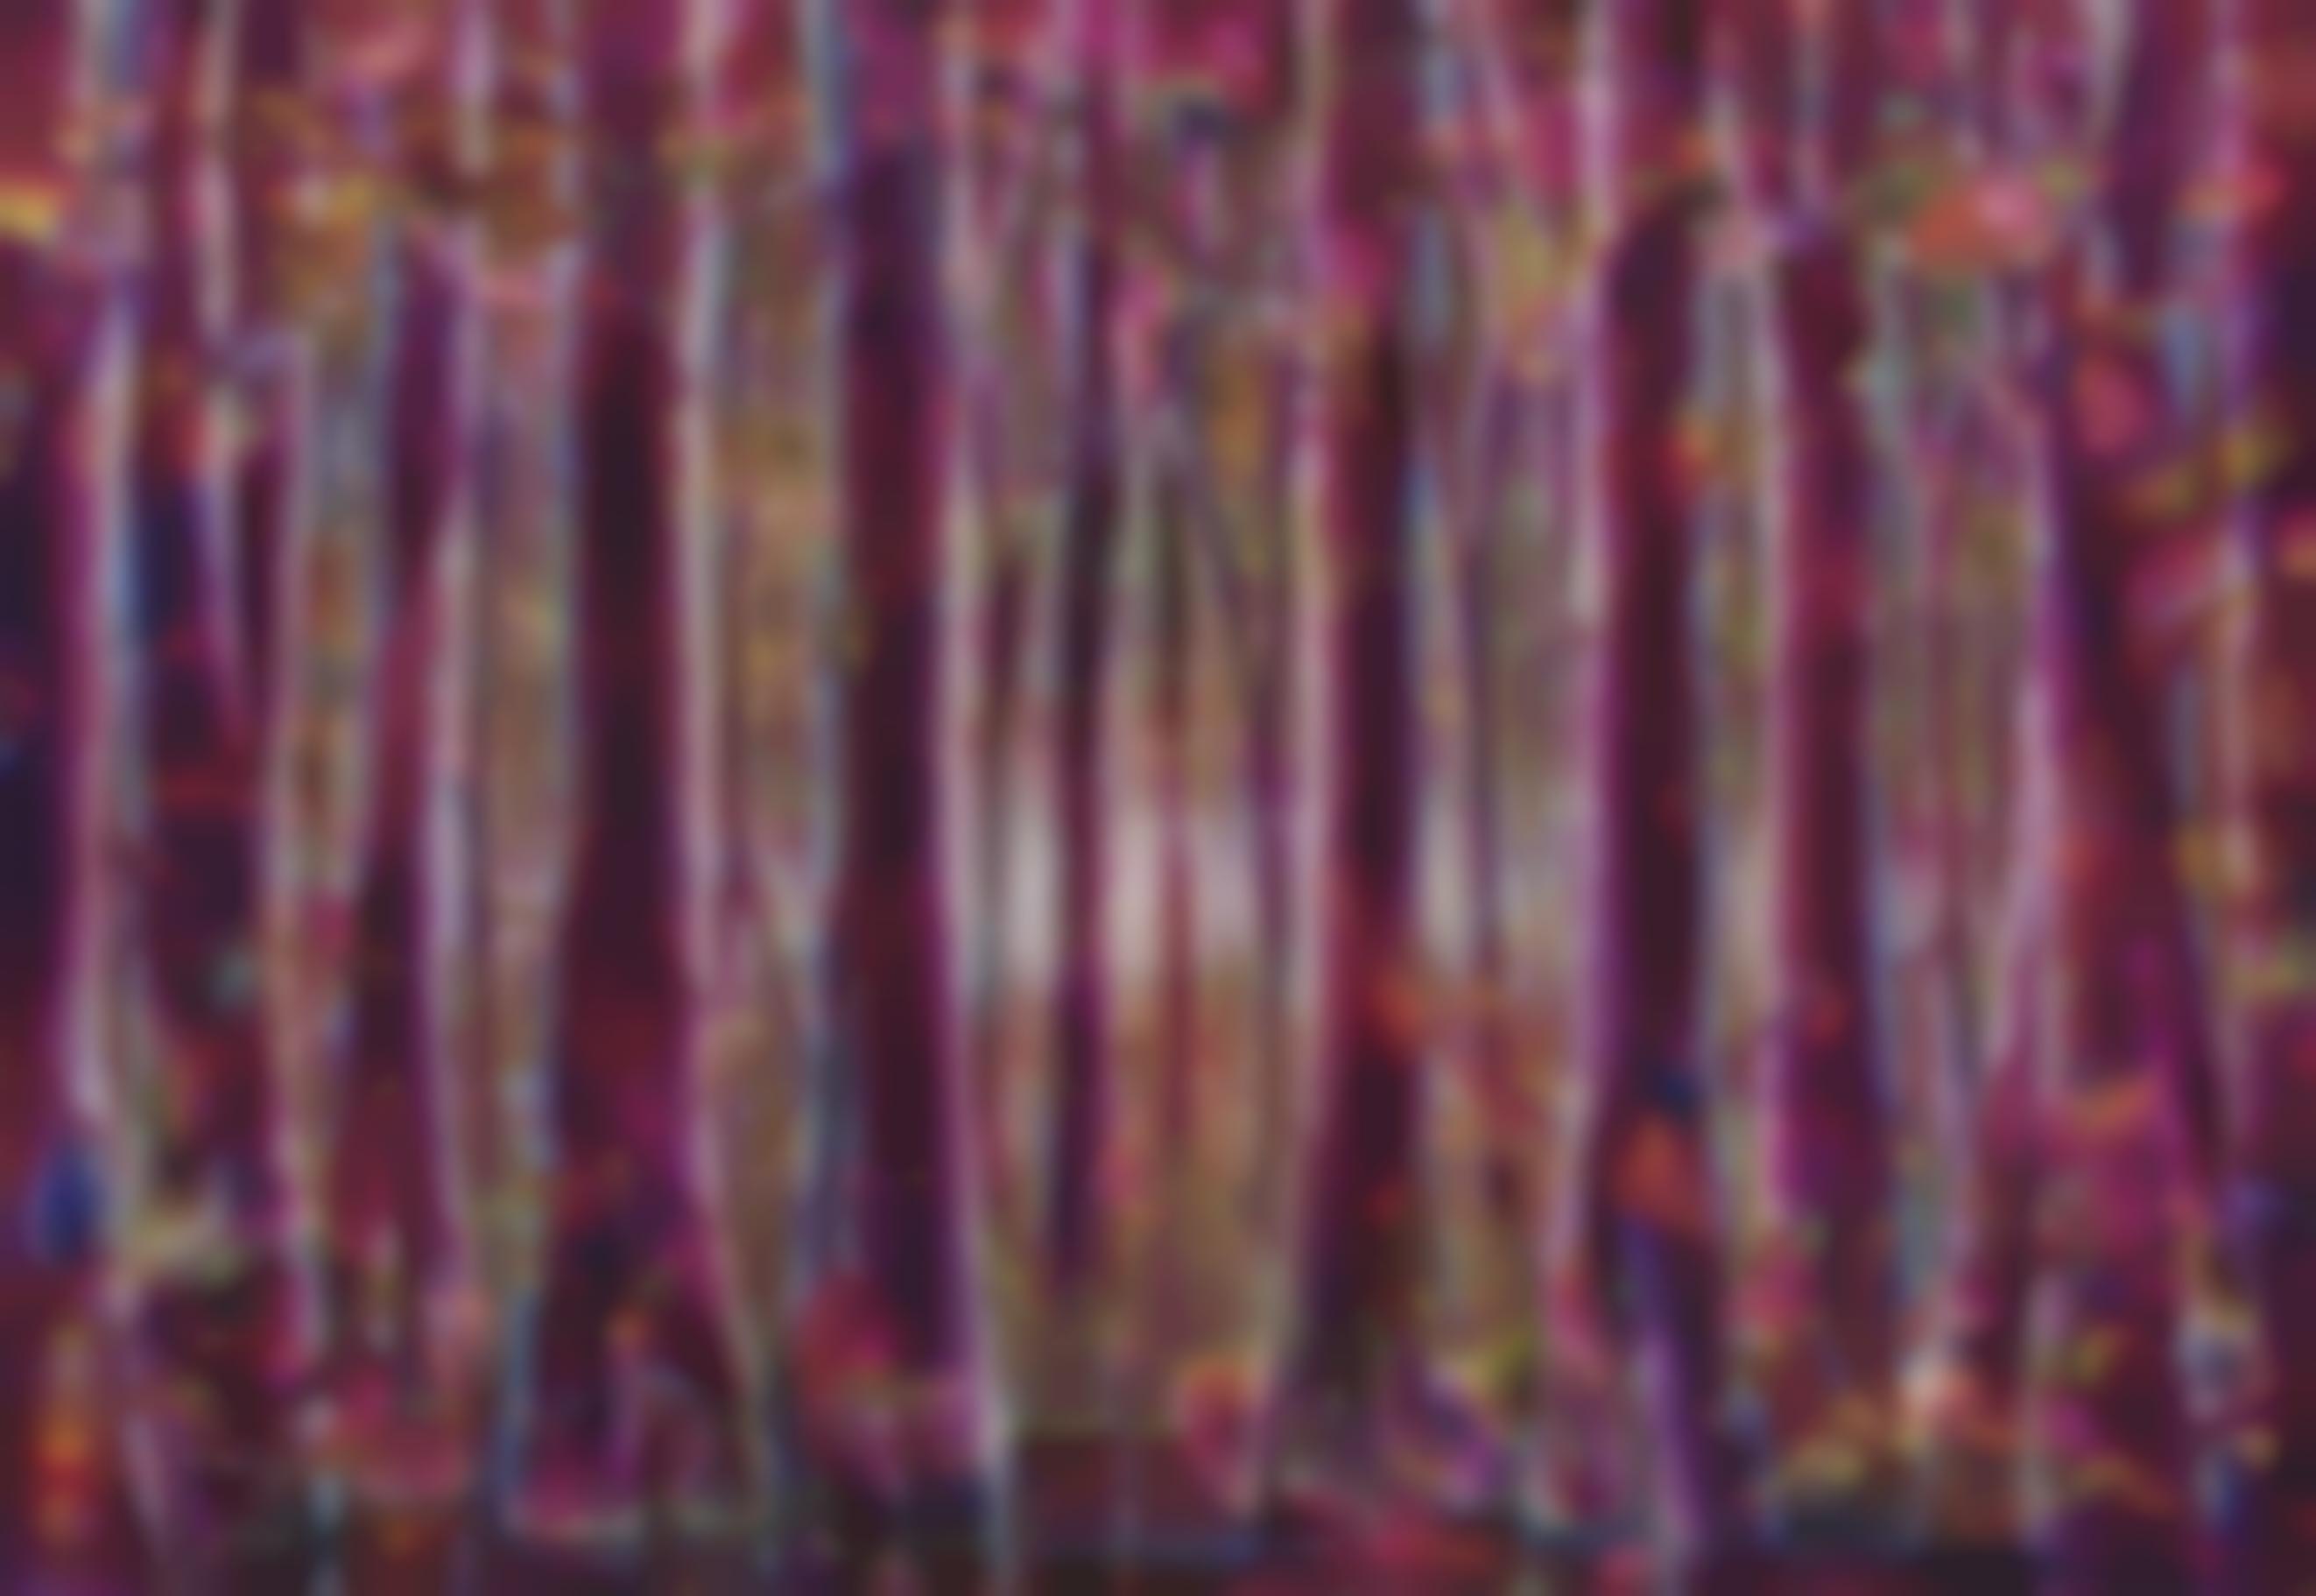 Armin Boehm - Last Forest-2002